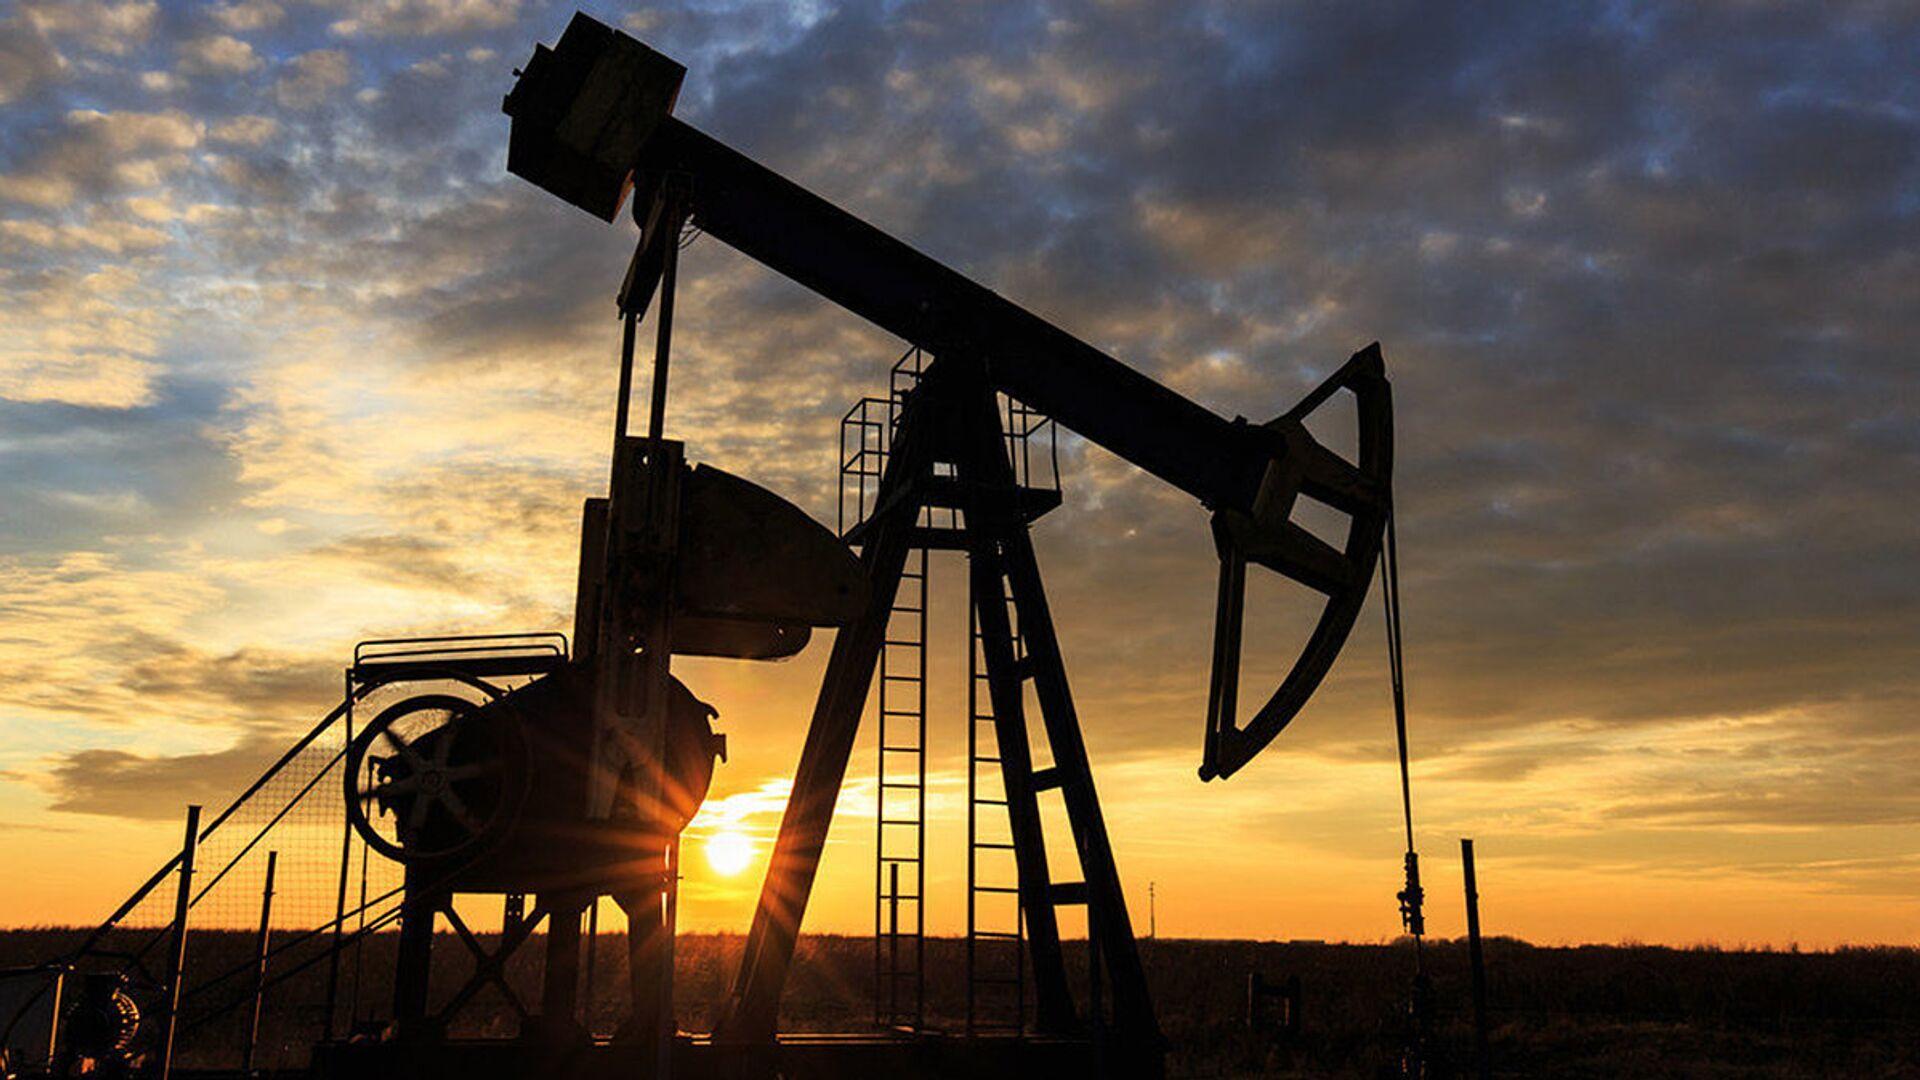 В Техасе начала восстанавливаться добыча нефти, пишут СМИ